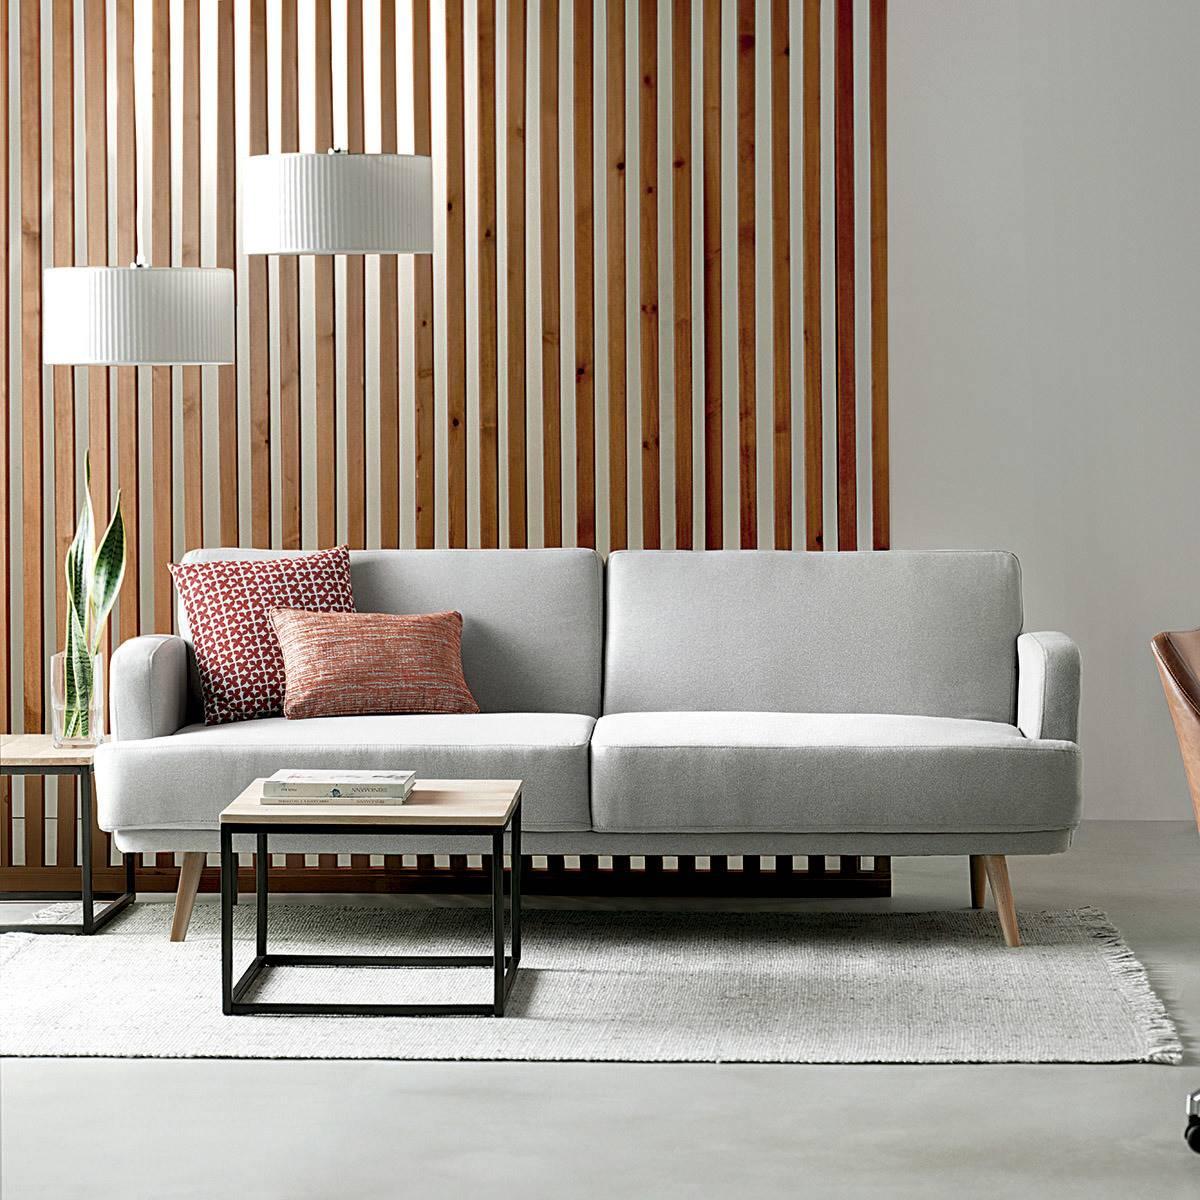 Sofa Cama Nido El Corte Ingles.Muebles Para Espacios Pequenos